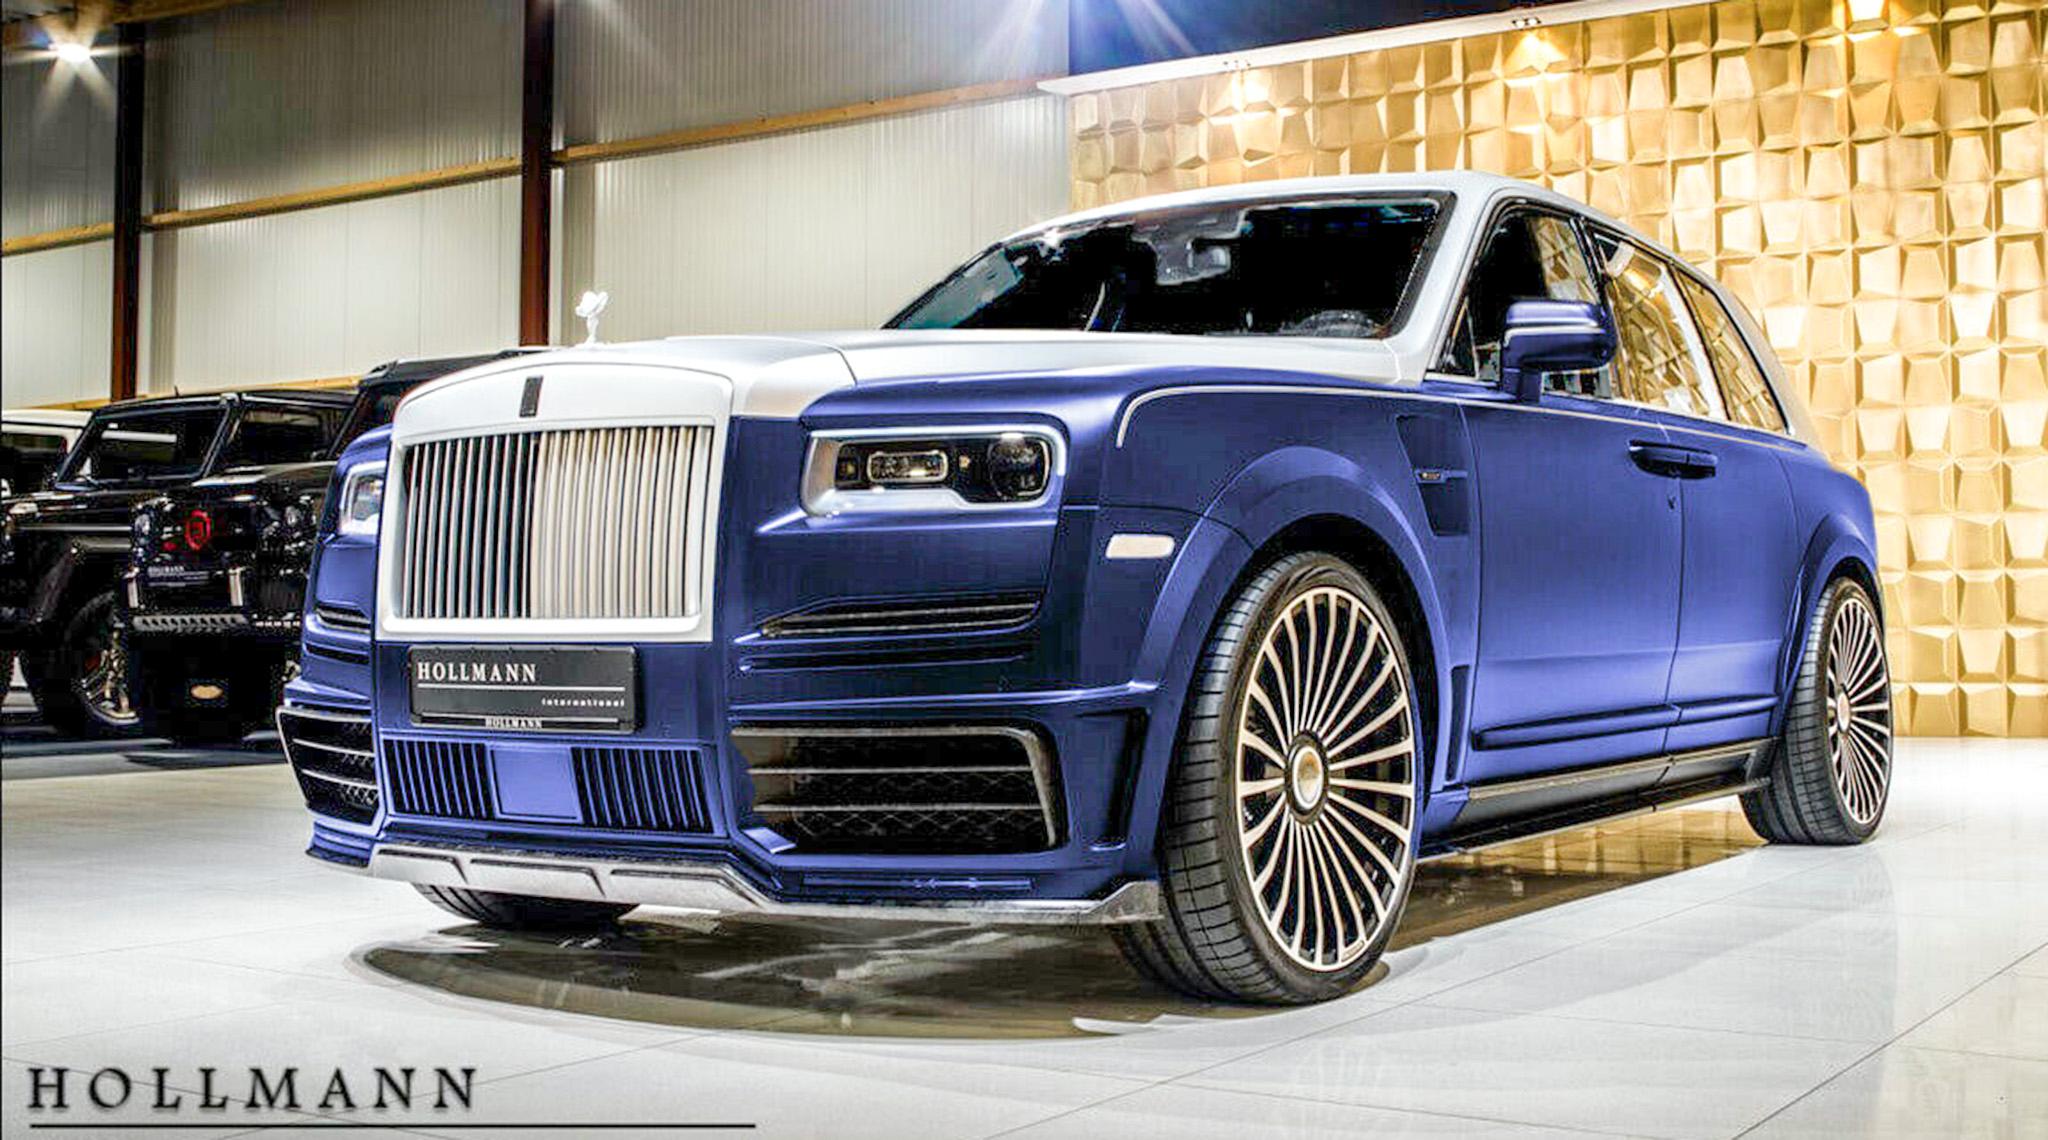 Rolls-Royce Cullinan Bodykit Mansory được rao bán giá 726.000 USD